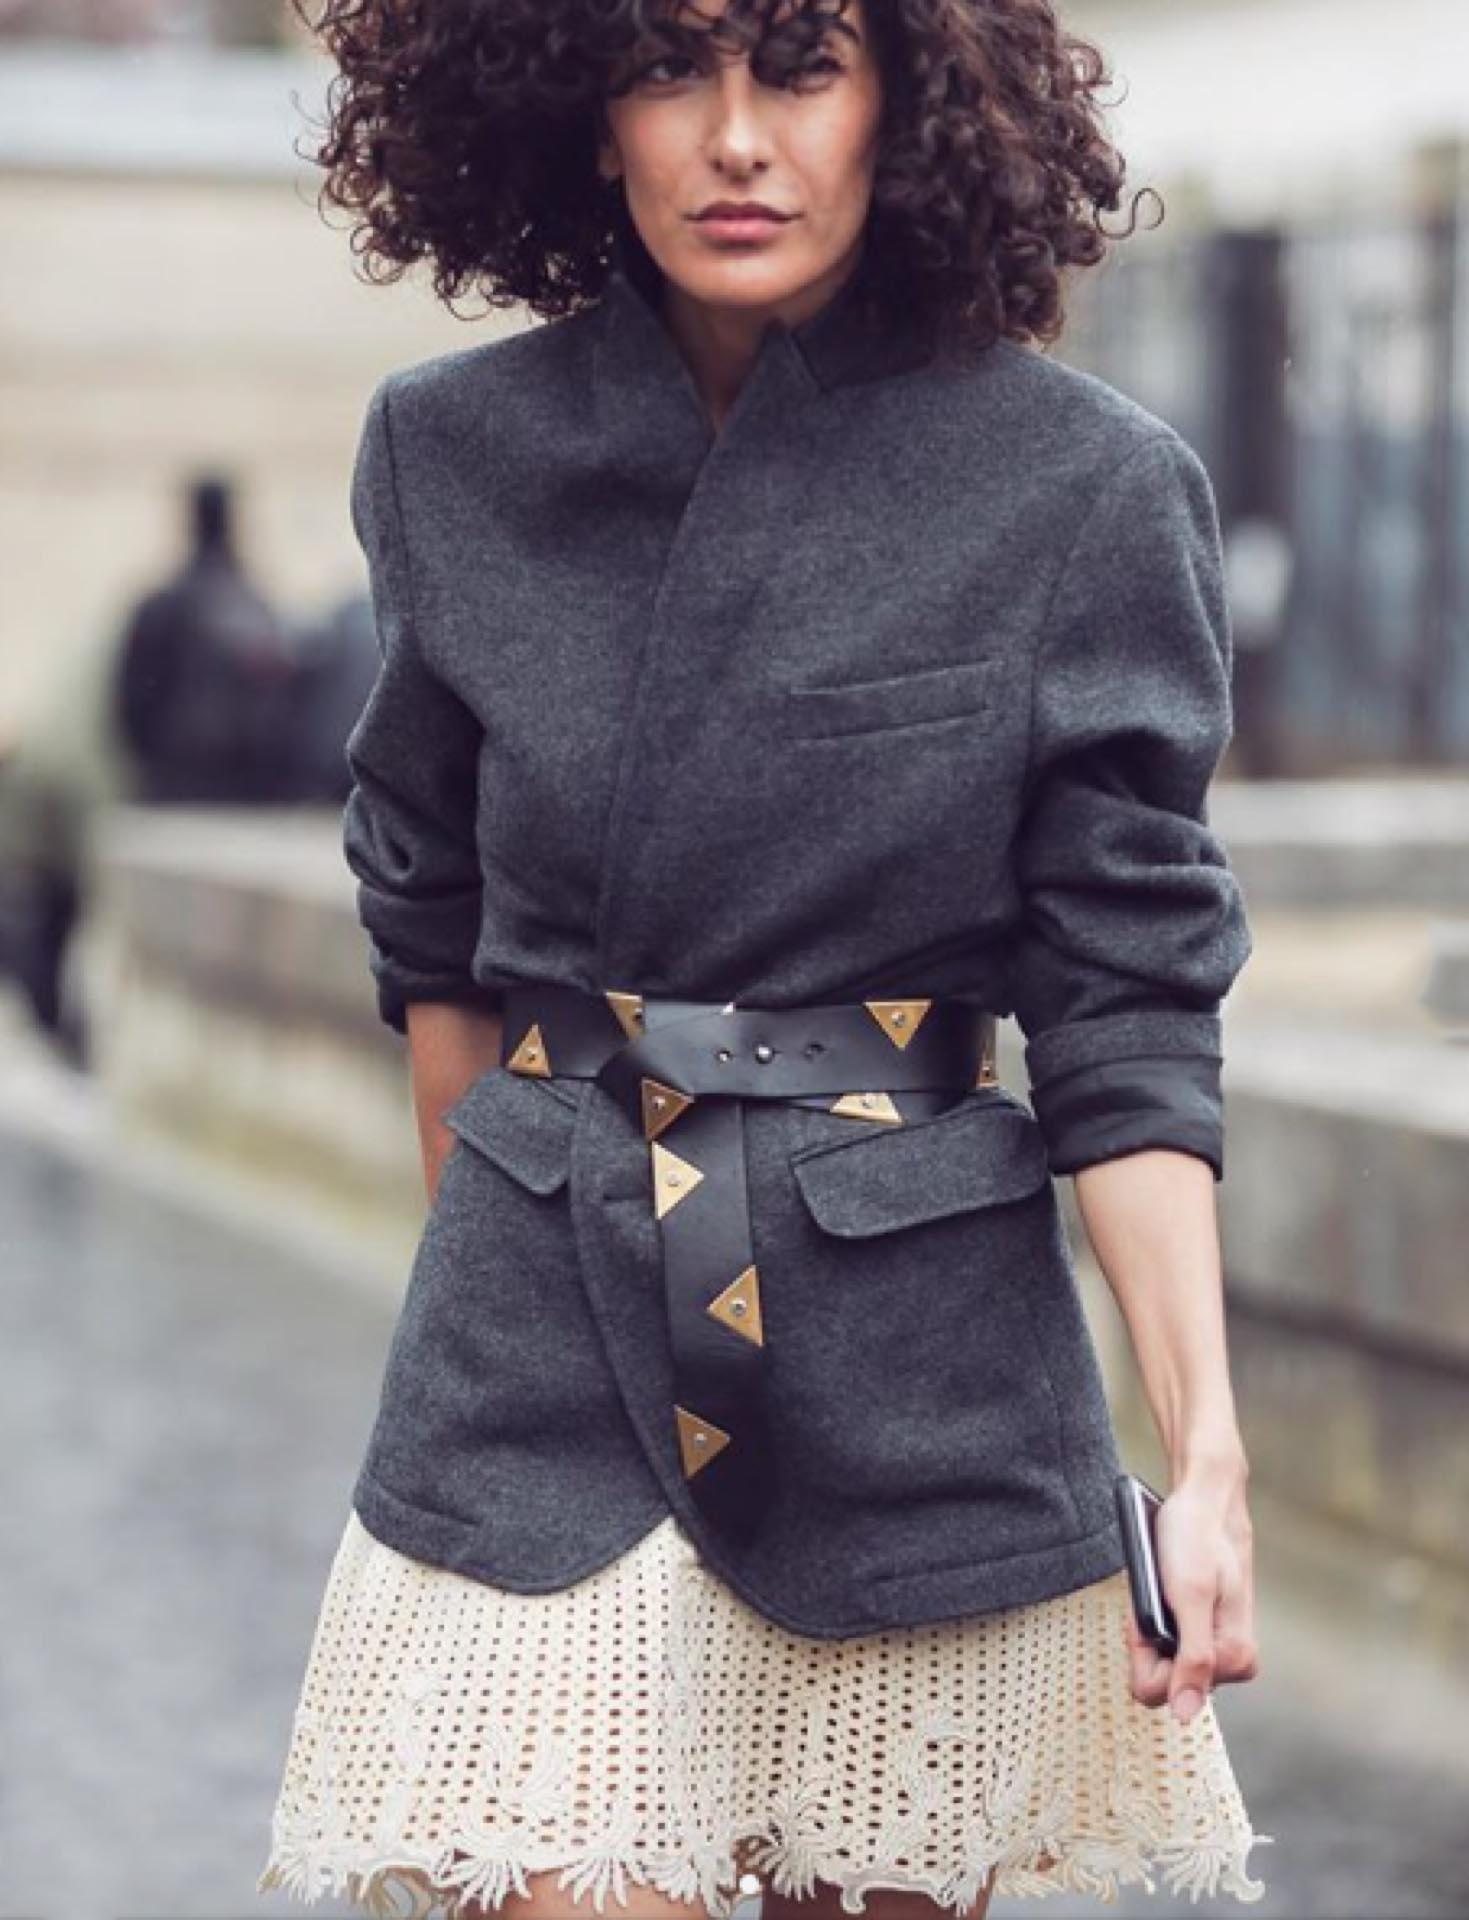 Una manera canchera de llevar el blazer de corte masculino. El cinturón es el detalle trendy de este look.